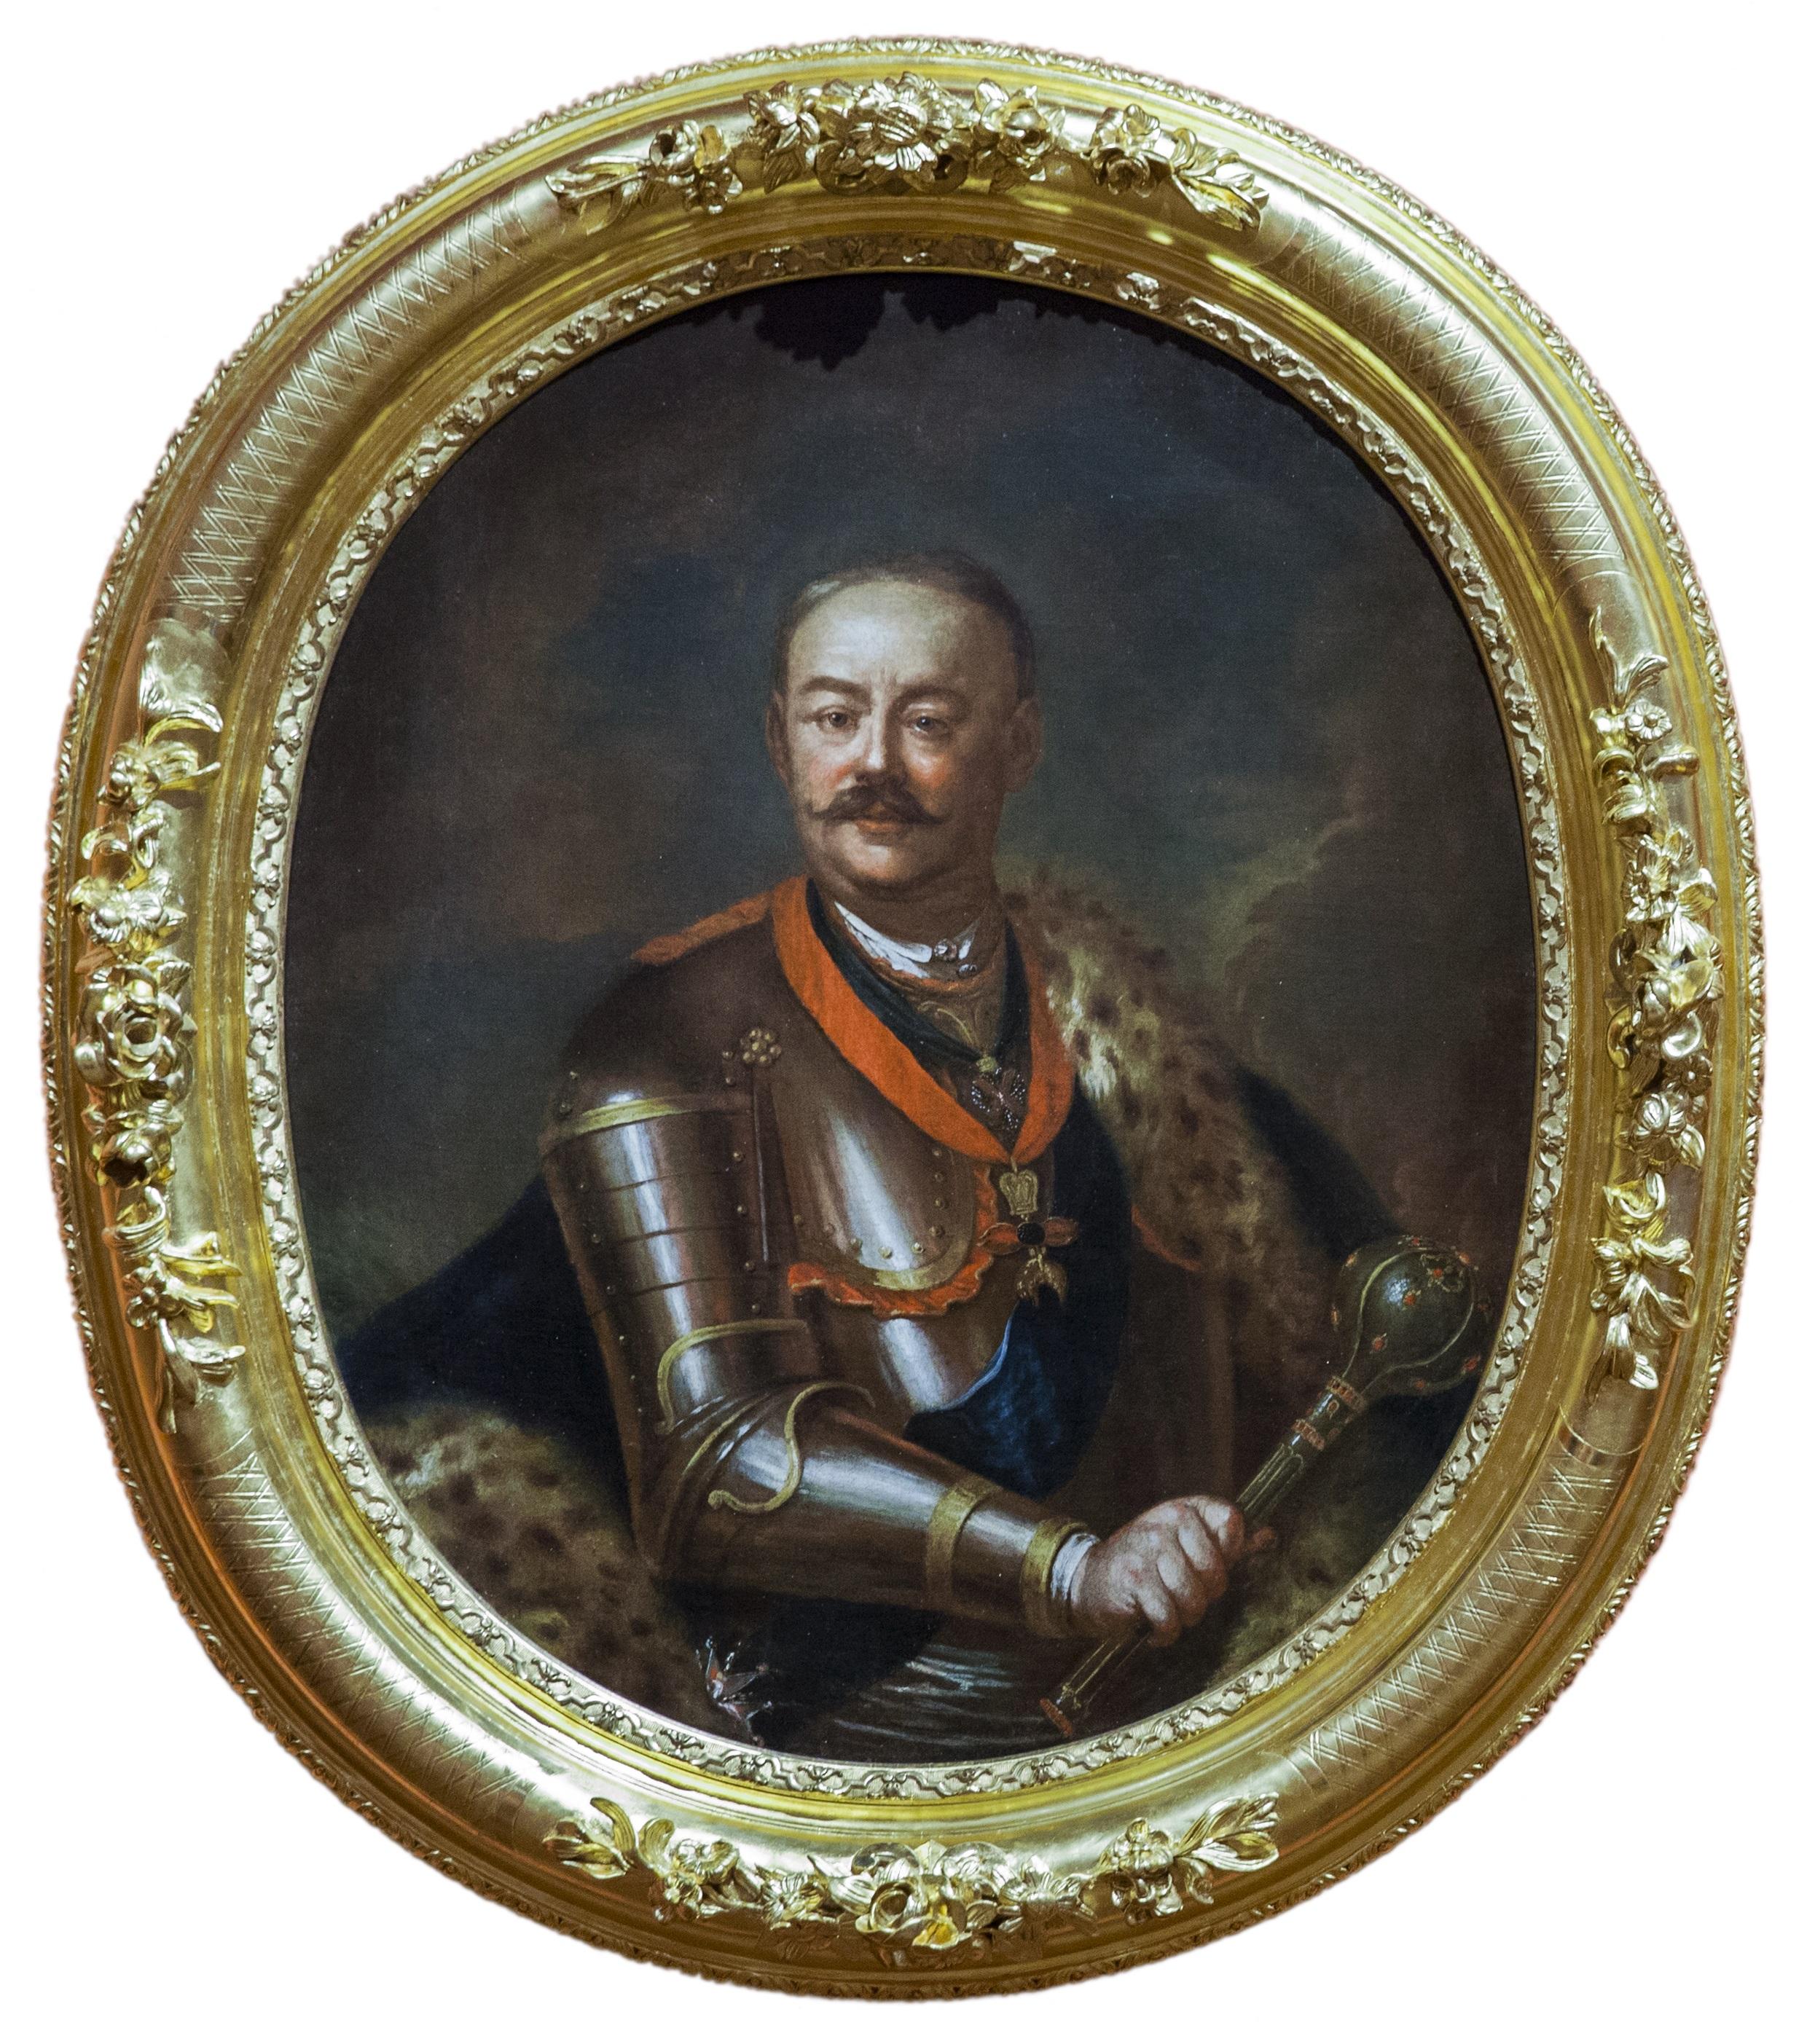 Na owalnym obrazie w pozłacanej ramie widać postać mężczyzny w średnim wieku, hetmana Jana Klemensa Branickiego w zbroi, z buławą w ręku.